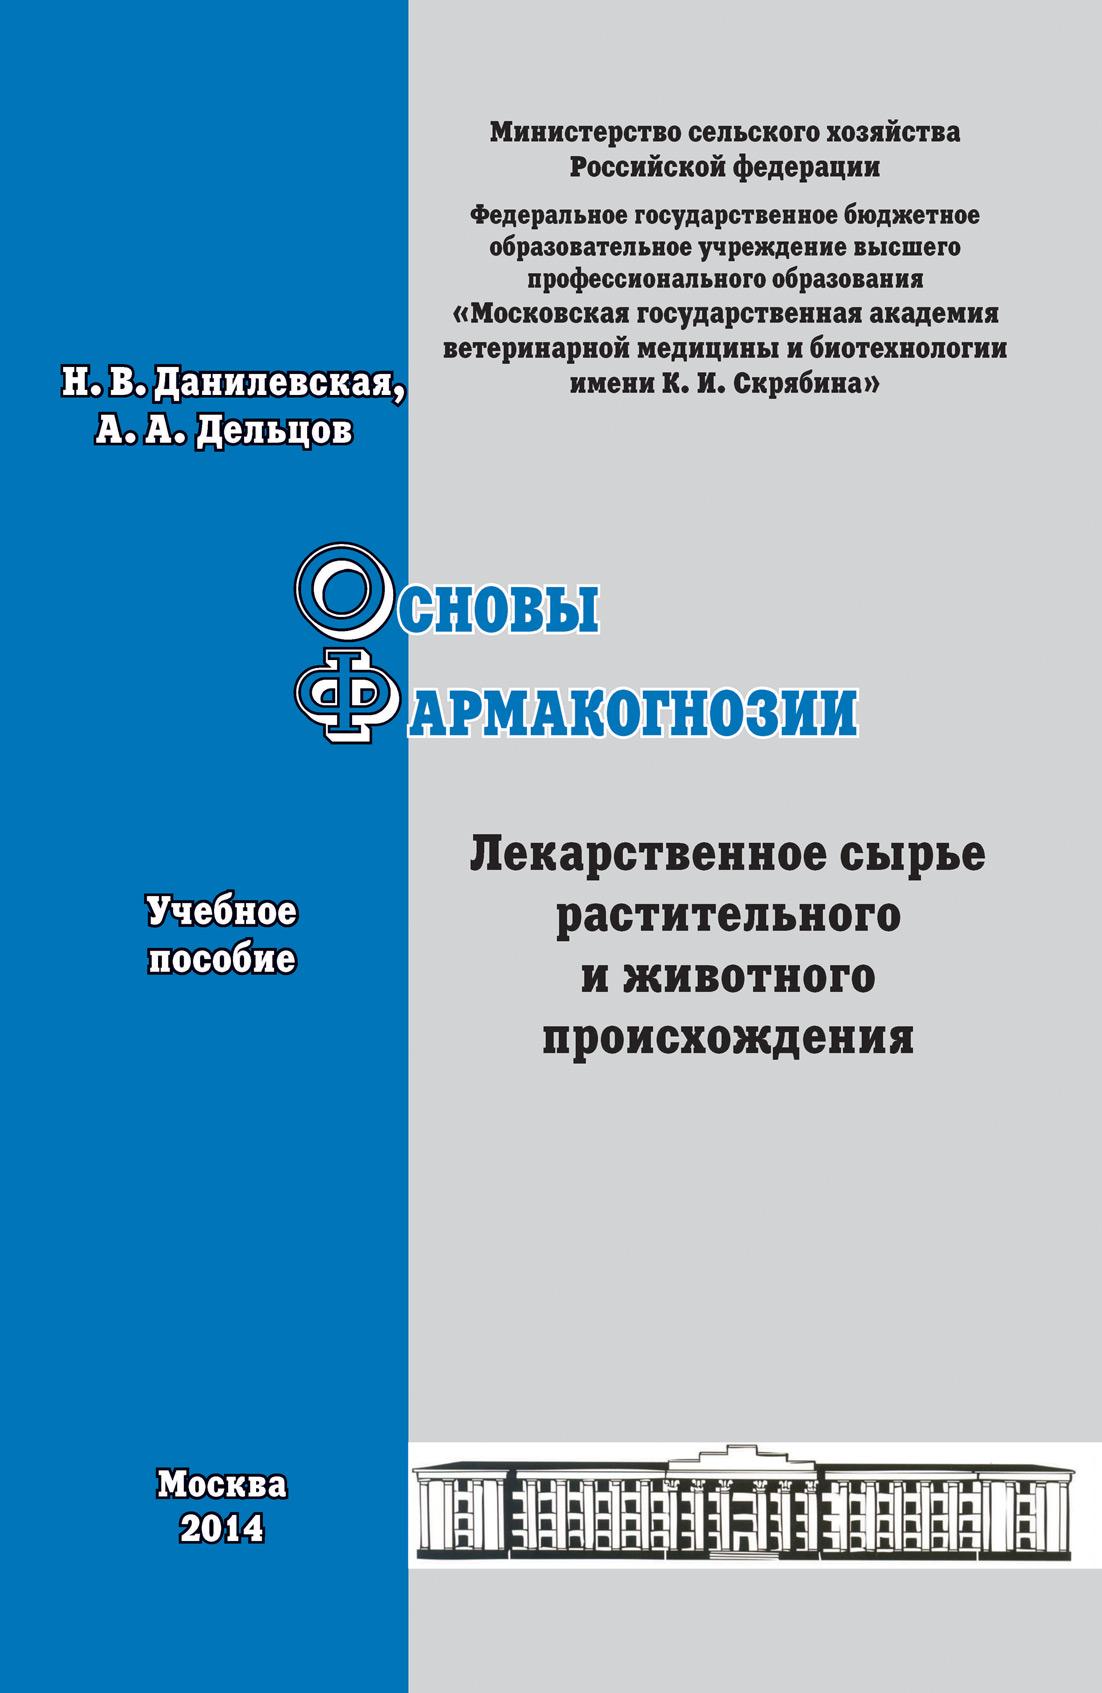 Основы фармакогнозии. Лекарственное сырье растительного и животного происхождения. Учебное пособие